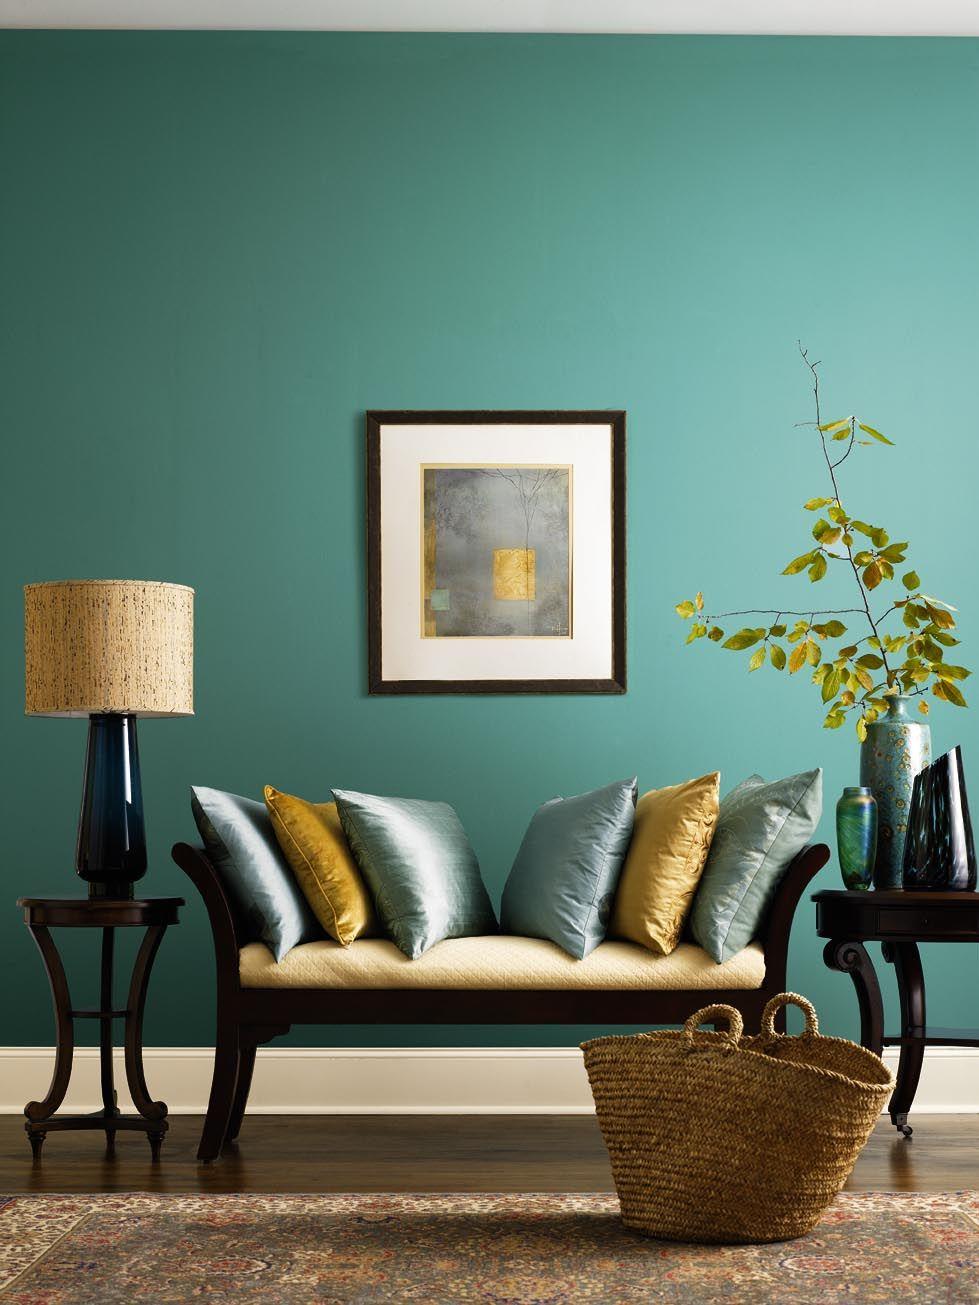 Fin blågrön och brun minispot